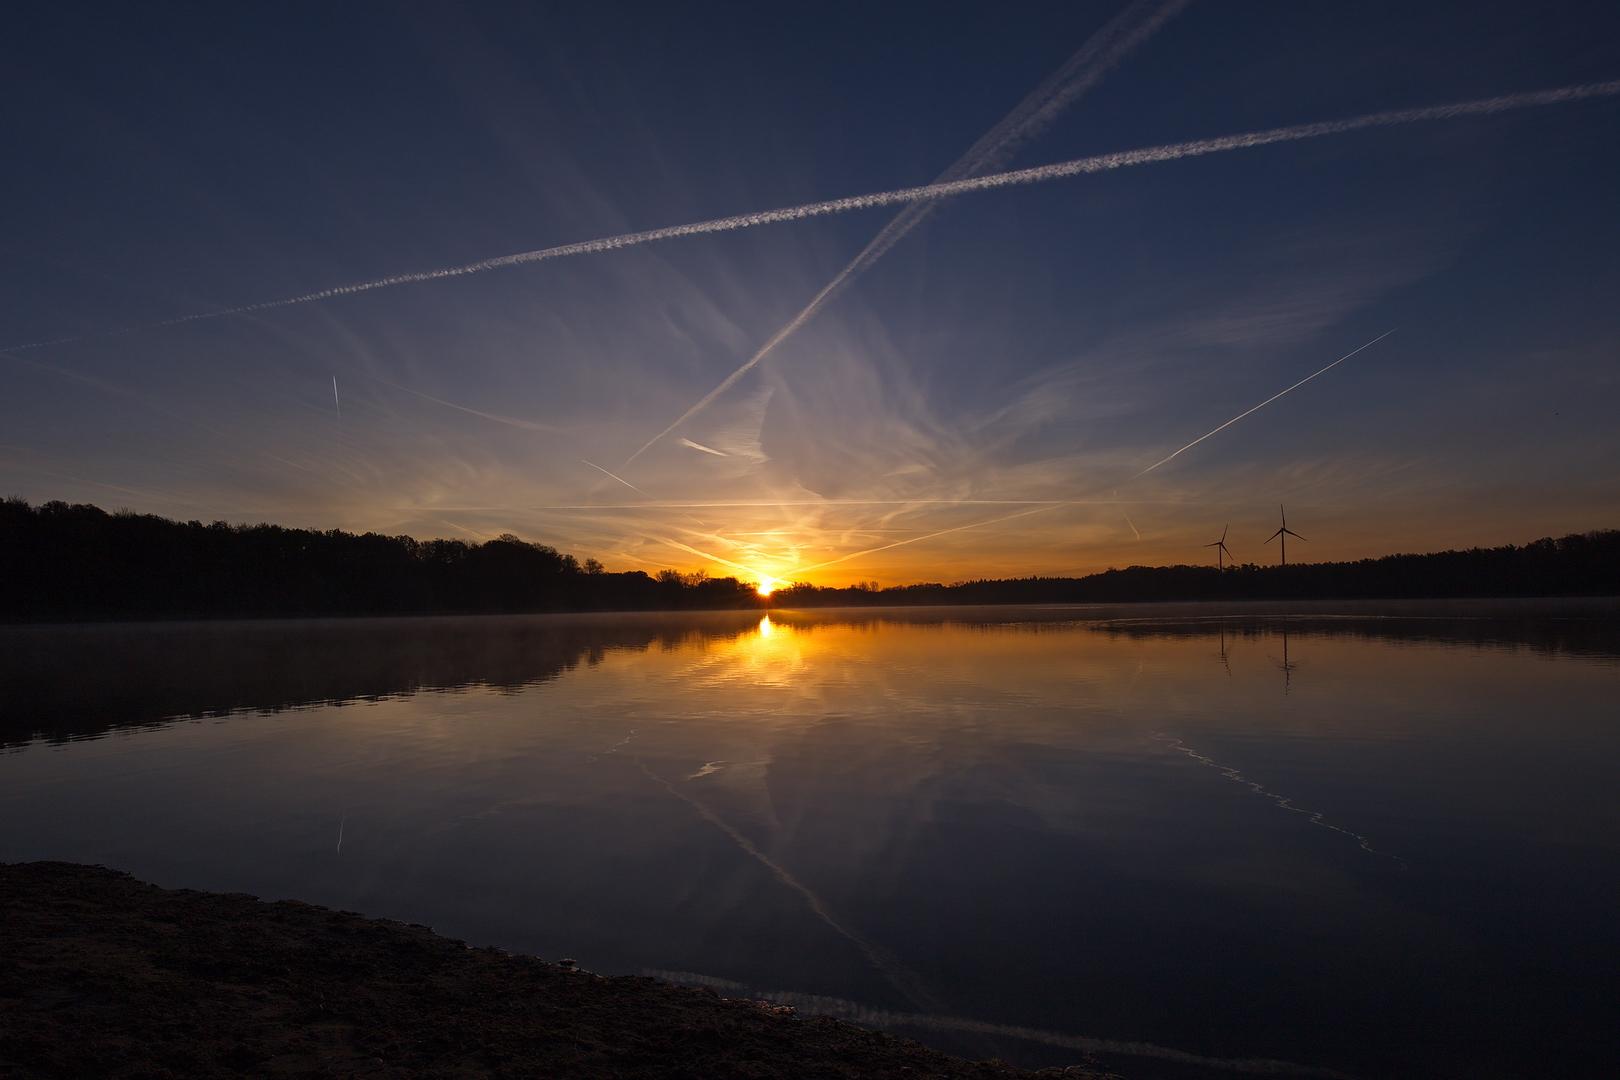 Sonnenaufgang im November 2020 in Hullern.